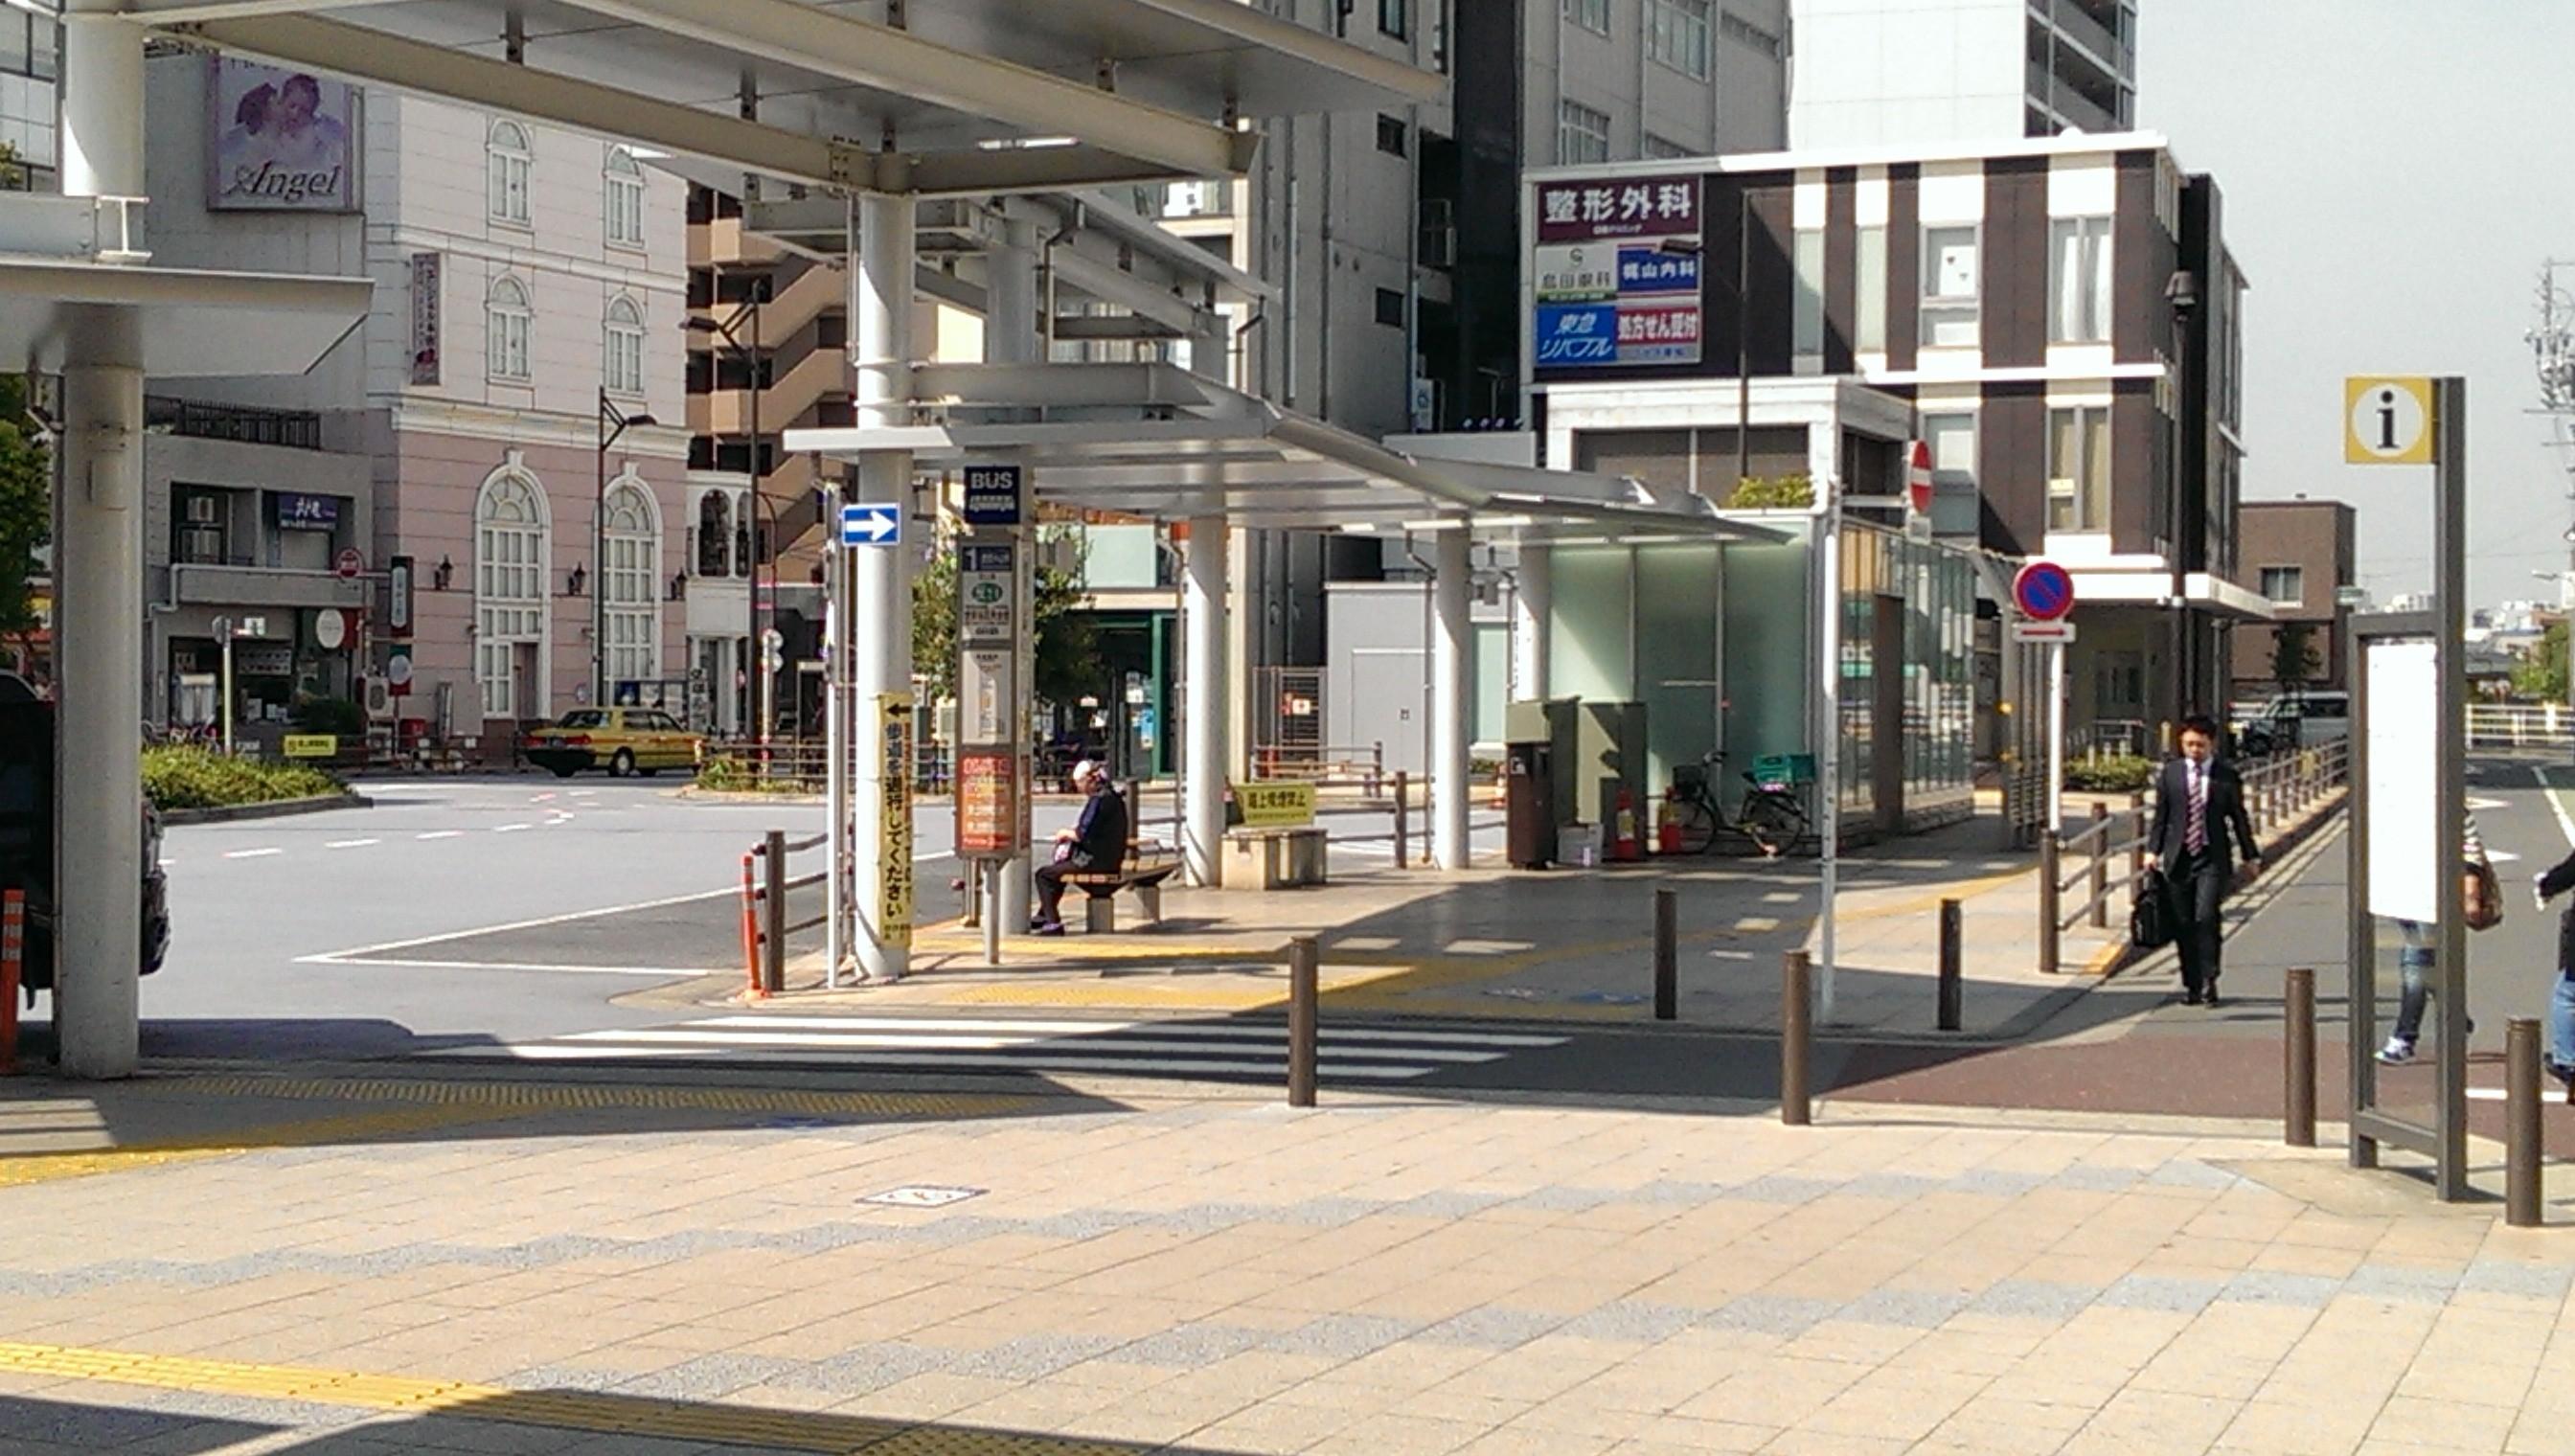 正面(ロータリーのバス停の先)に3階建ての東急駅前ビルが見えます。